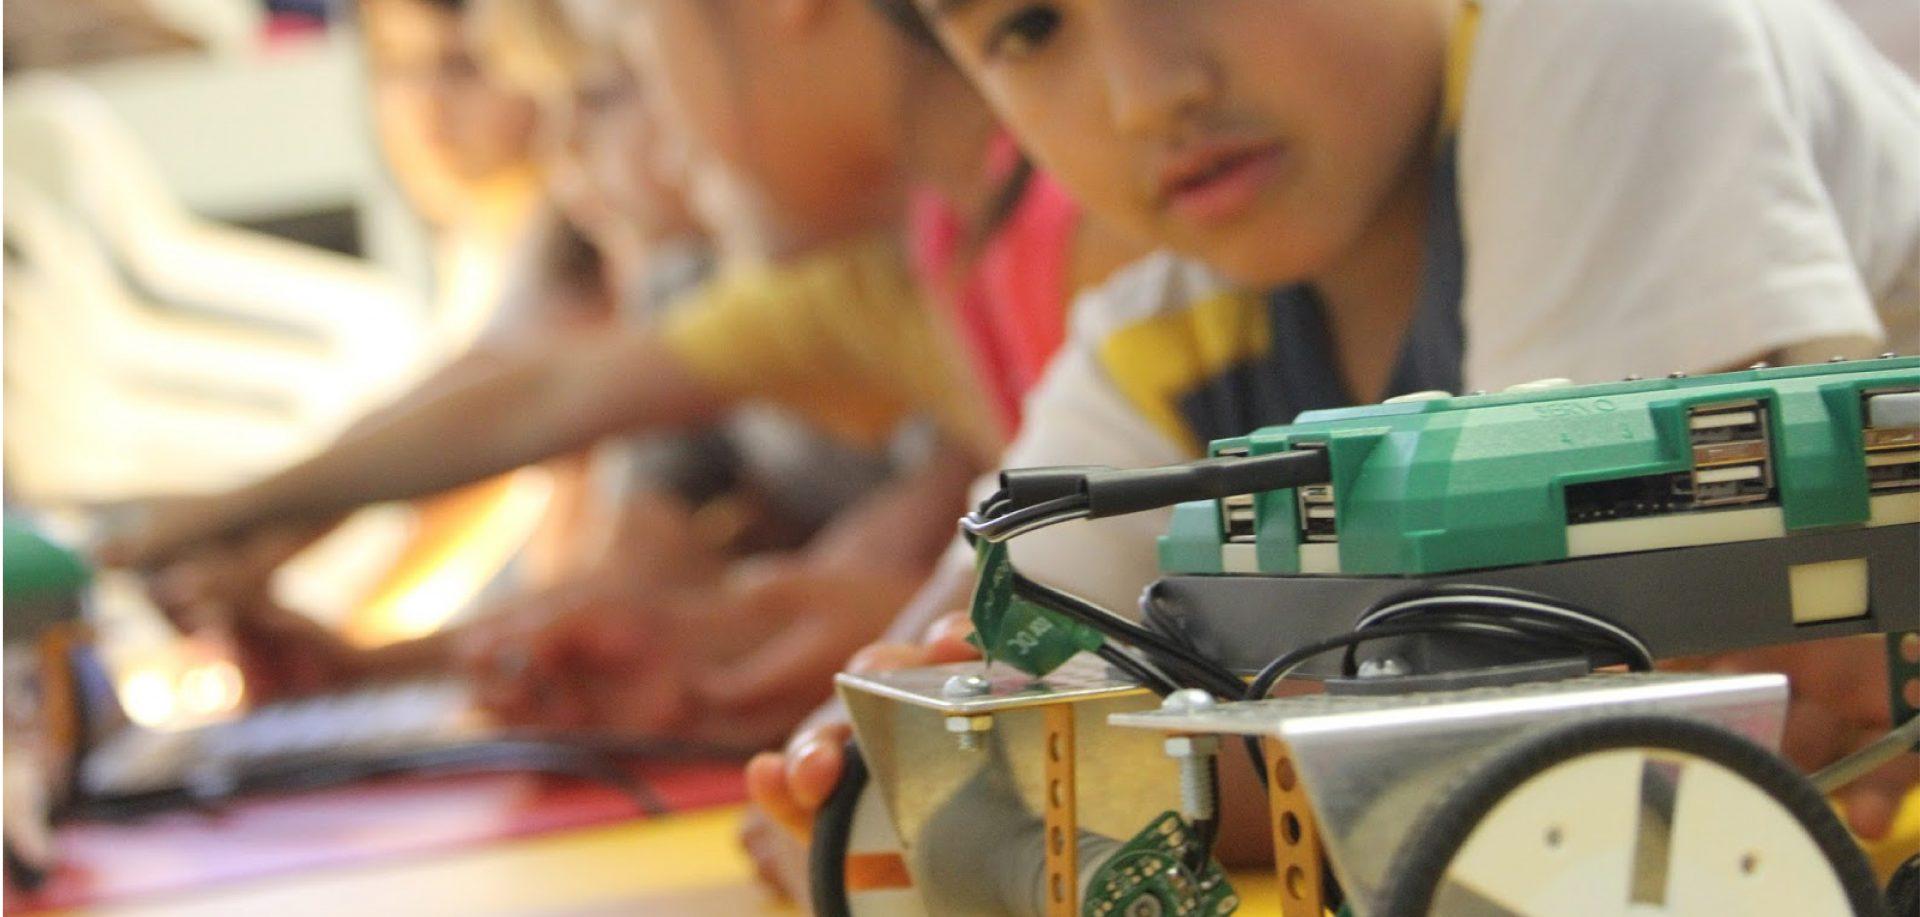 Programação e Robótica para crianças